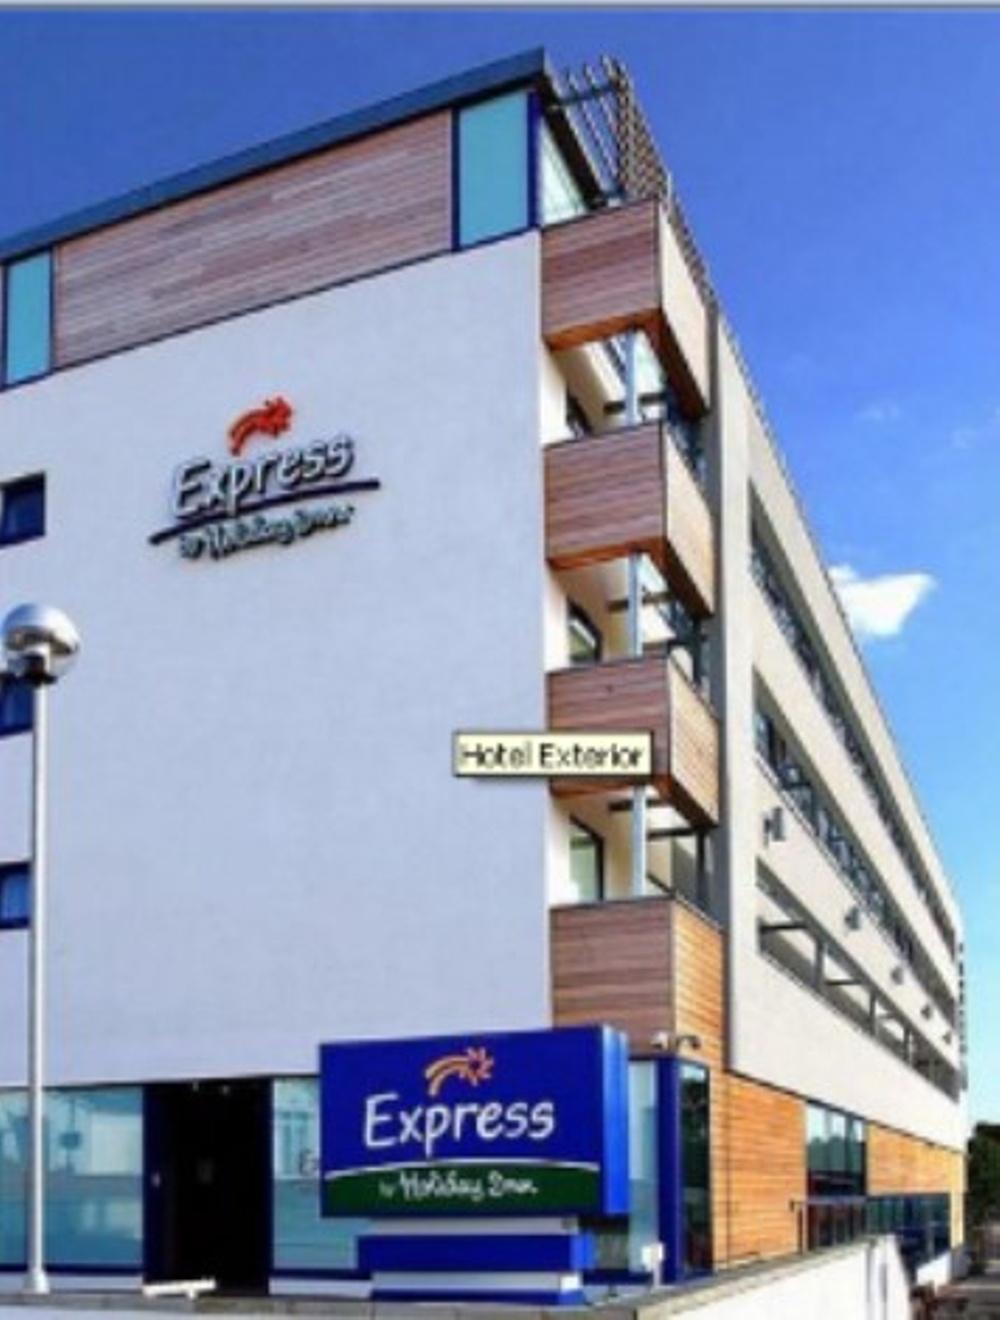 Holiday Inn, Finchley